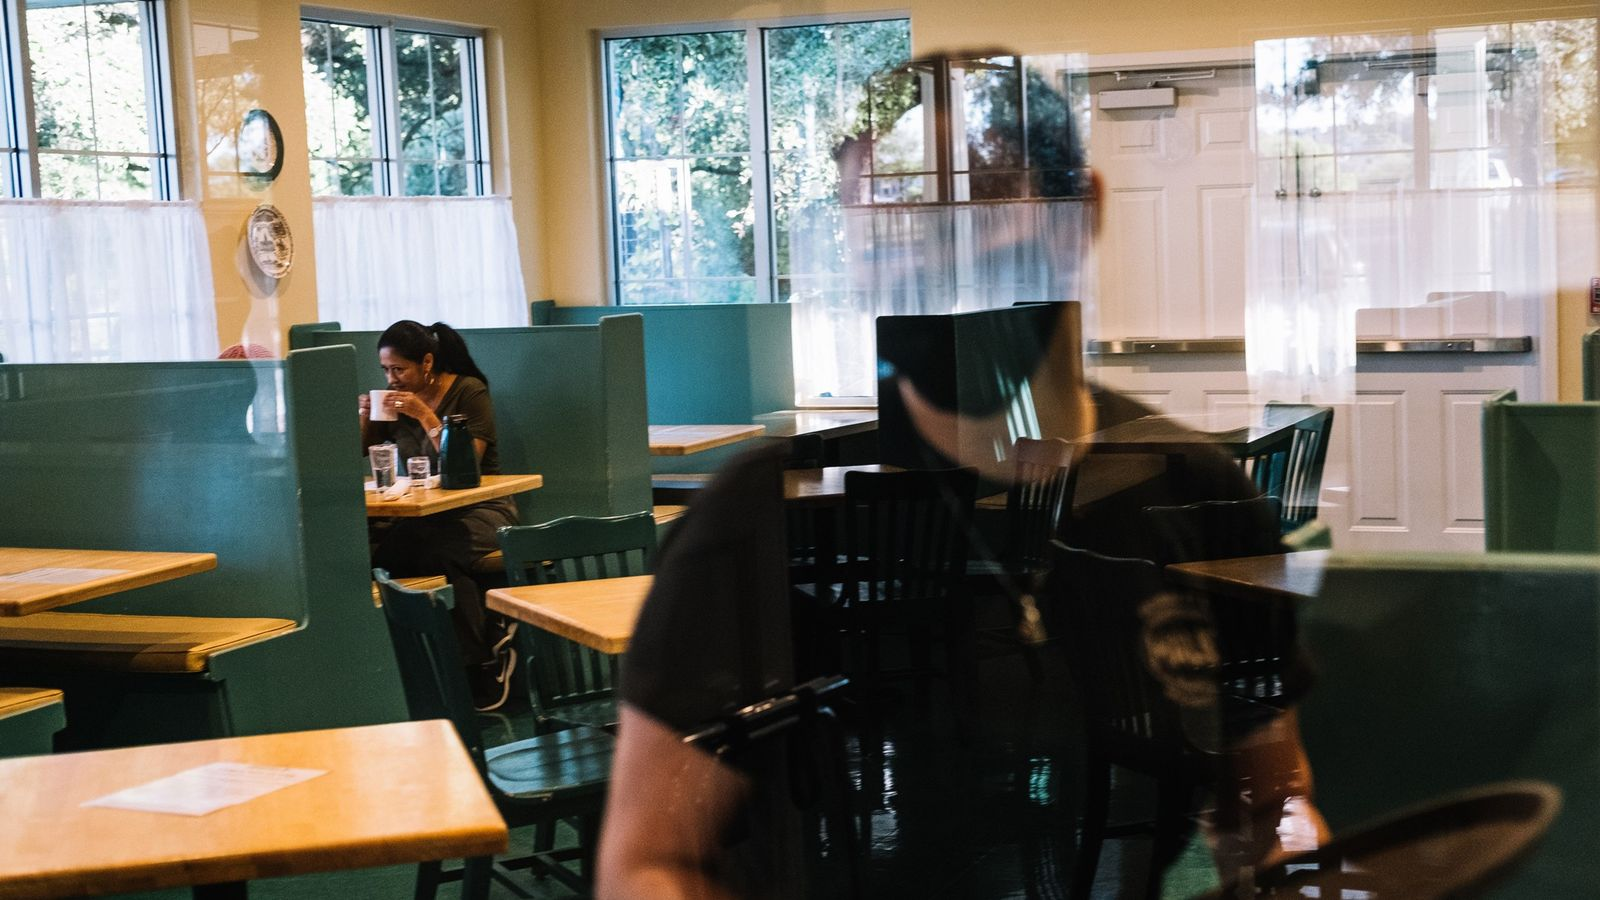 Un cliente y un mozo sentados en Magnolia Pancake Haus en San Antonio, Texas, el viernes 1° de ...